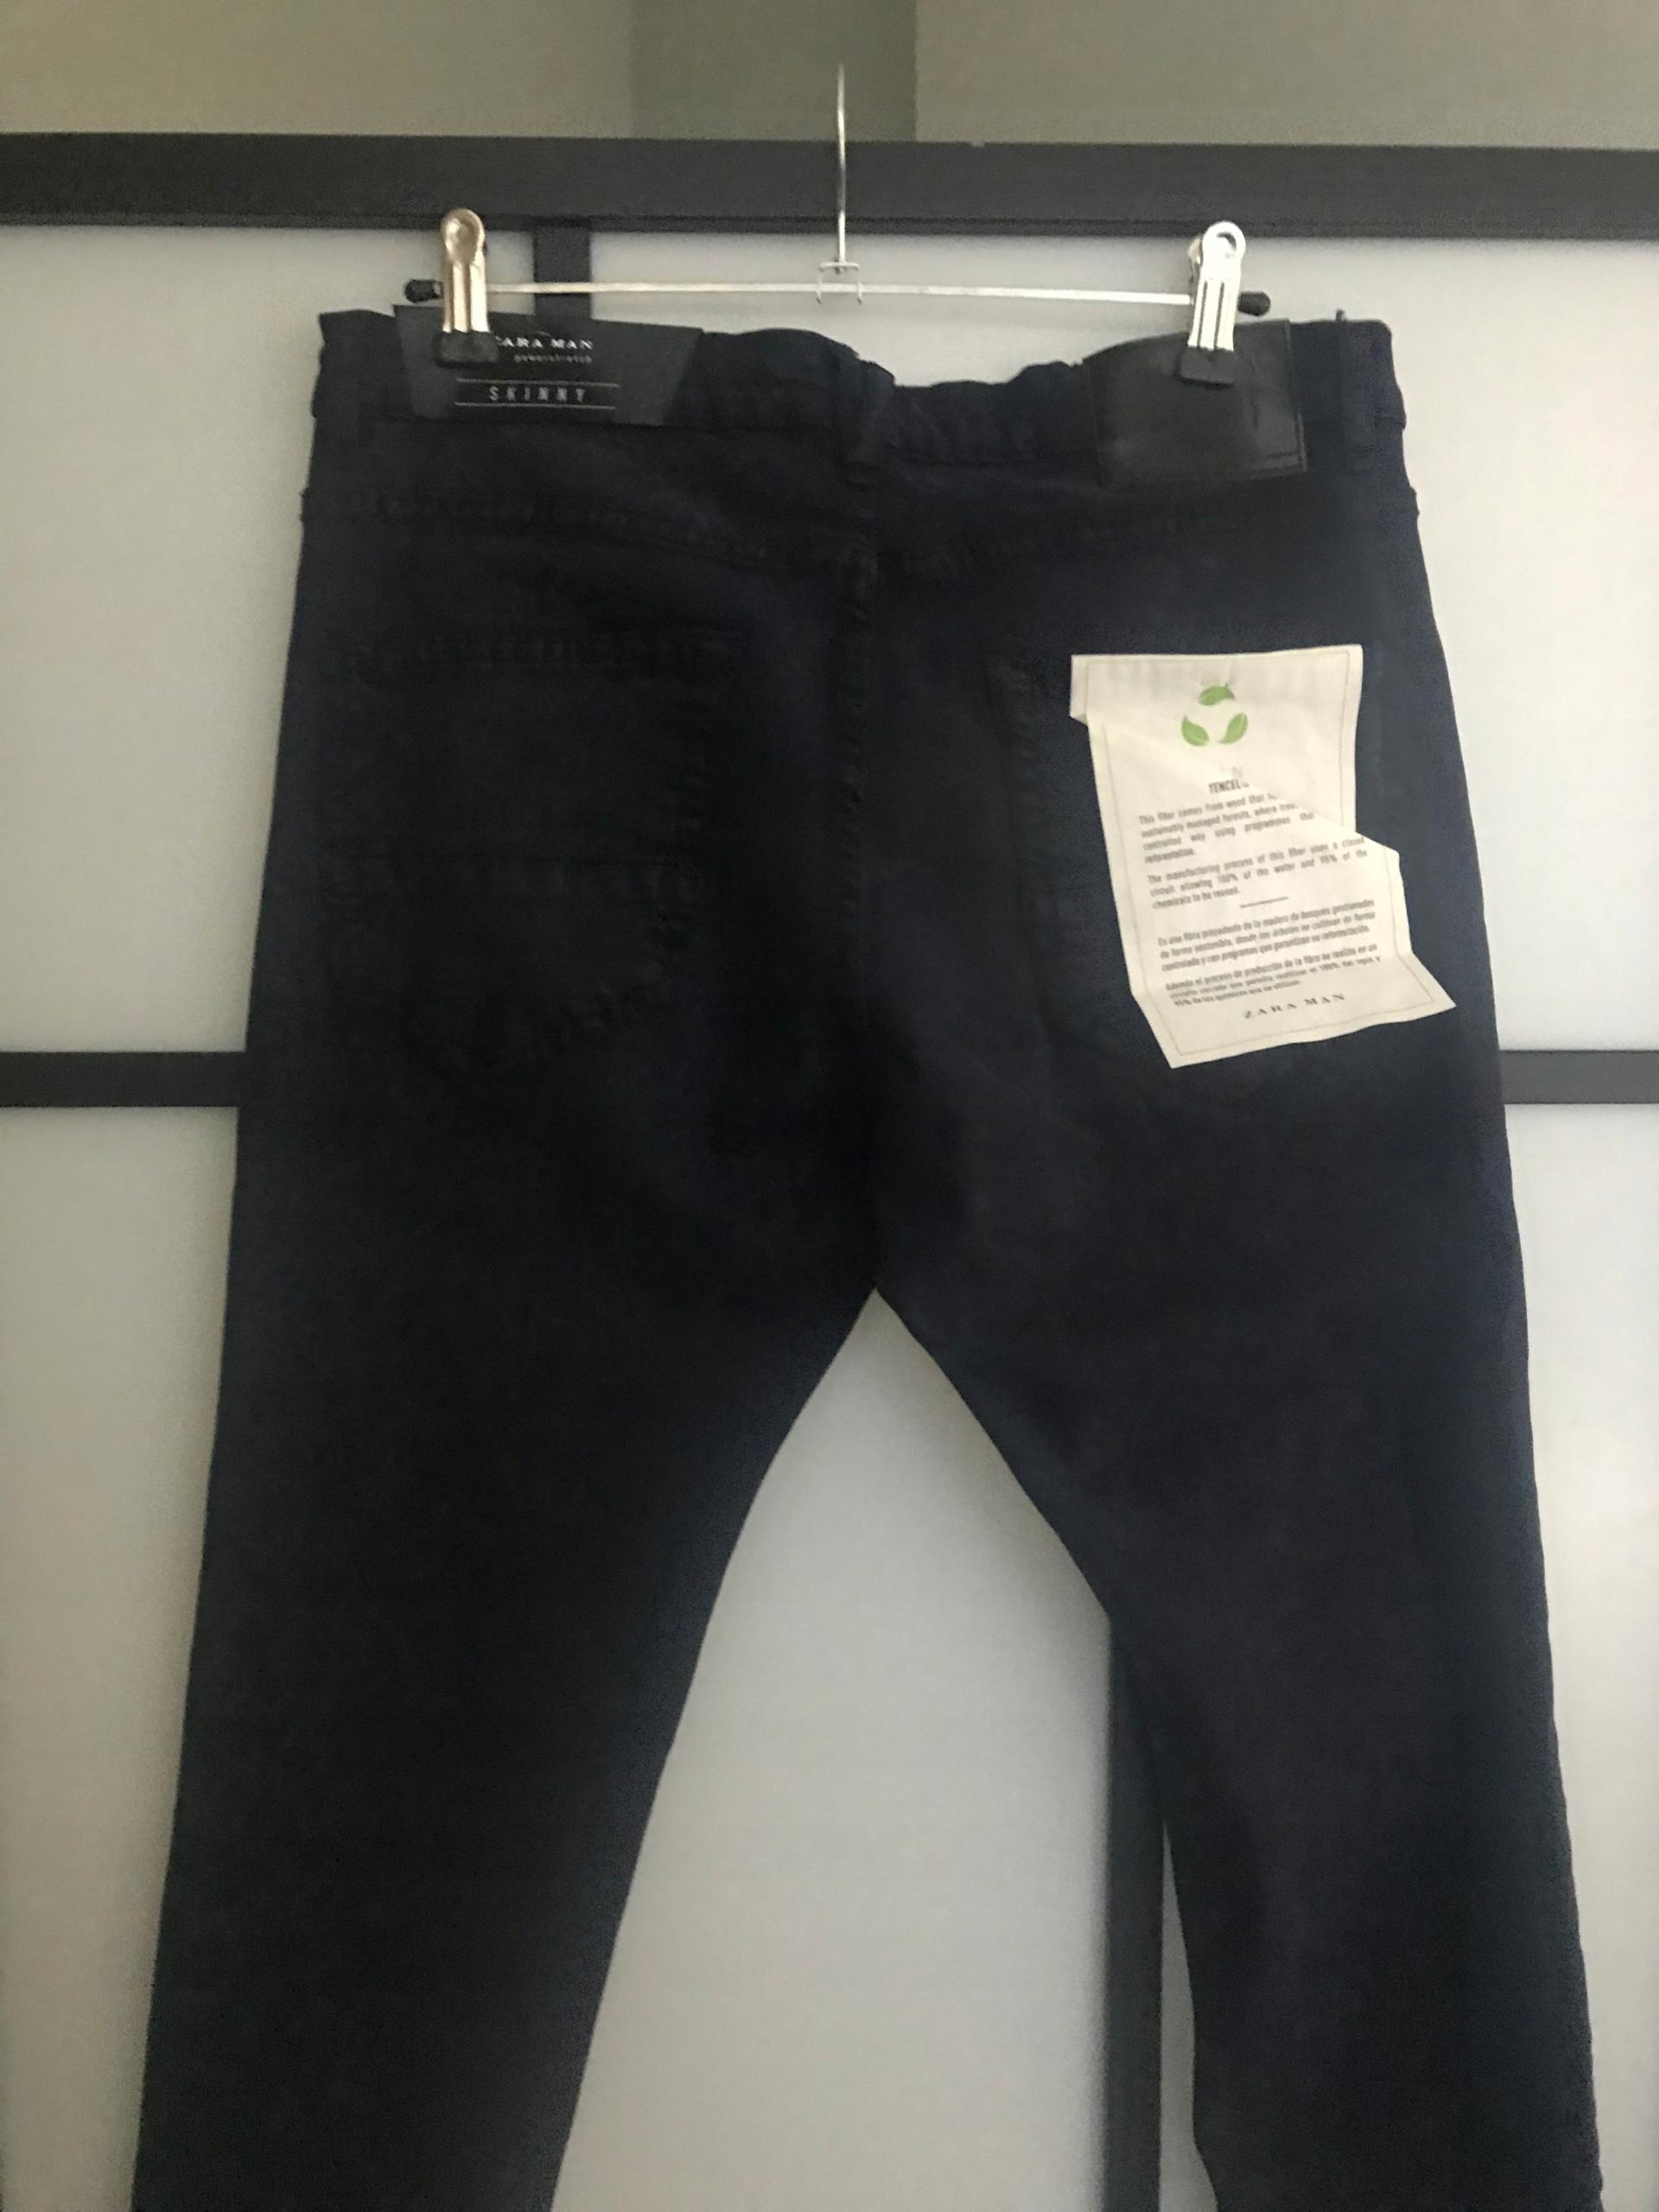 Jeansy spodnie męskie elastyczne rurki ZARA nowe